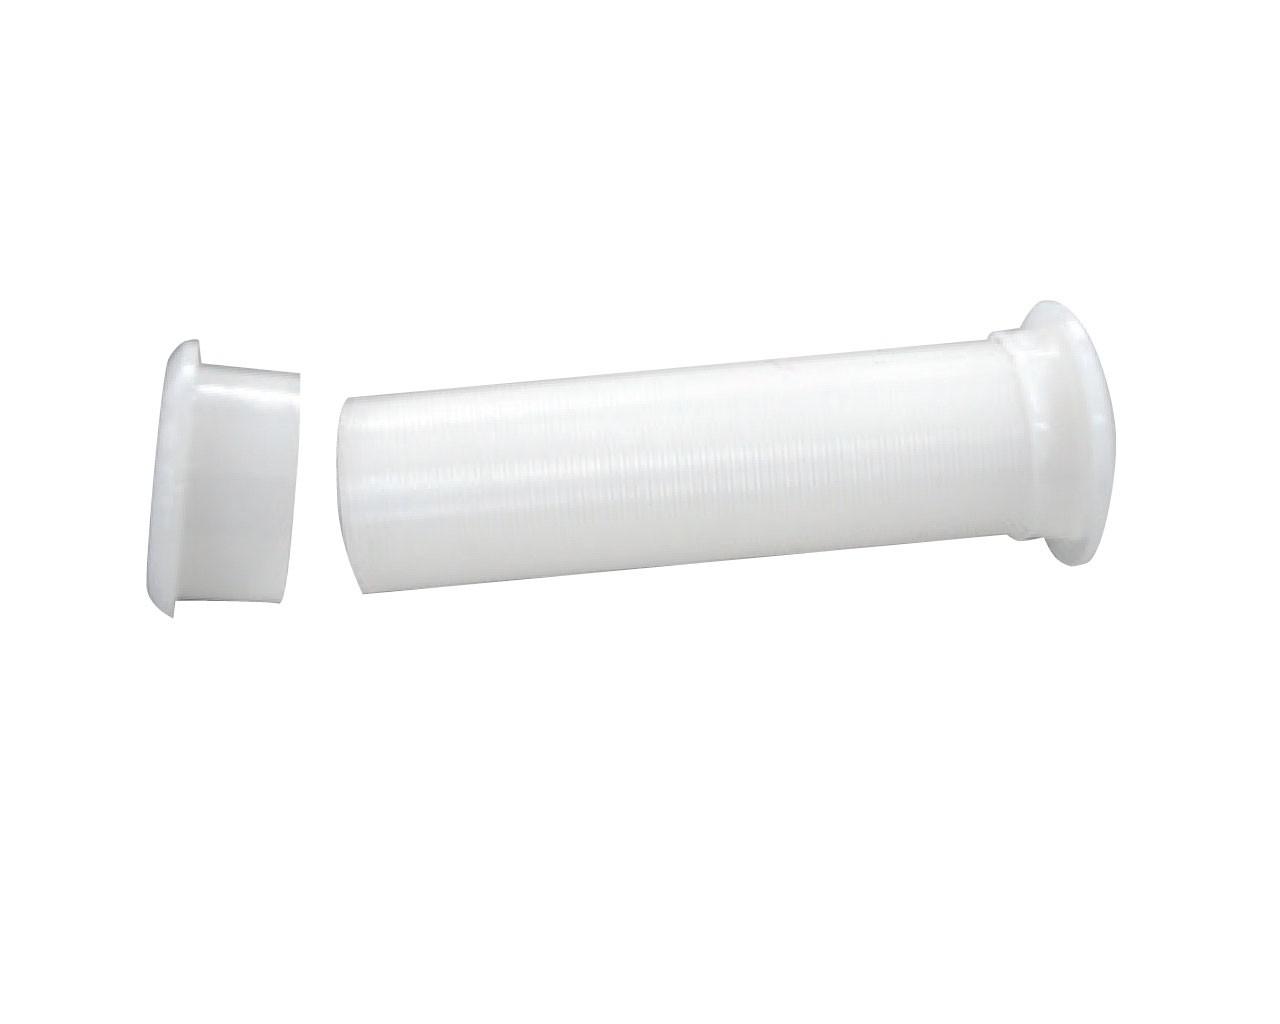 12.1 - Υδρορροή Πλαστική Με Αποσπώμενο Καπάκι Ø21.68mm - Συσκευασία Των 10 Τεμαχίων